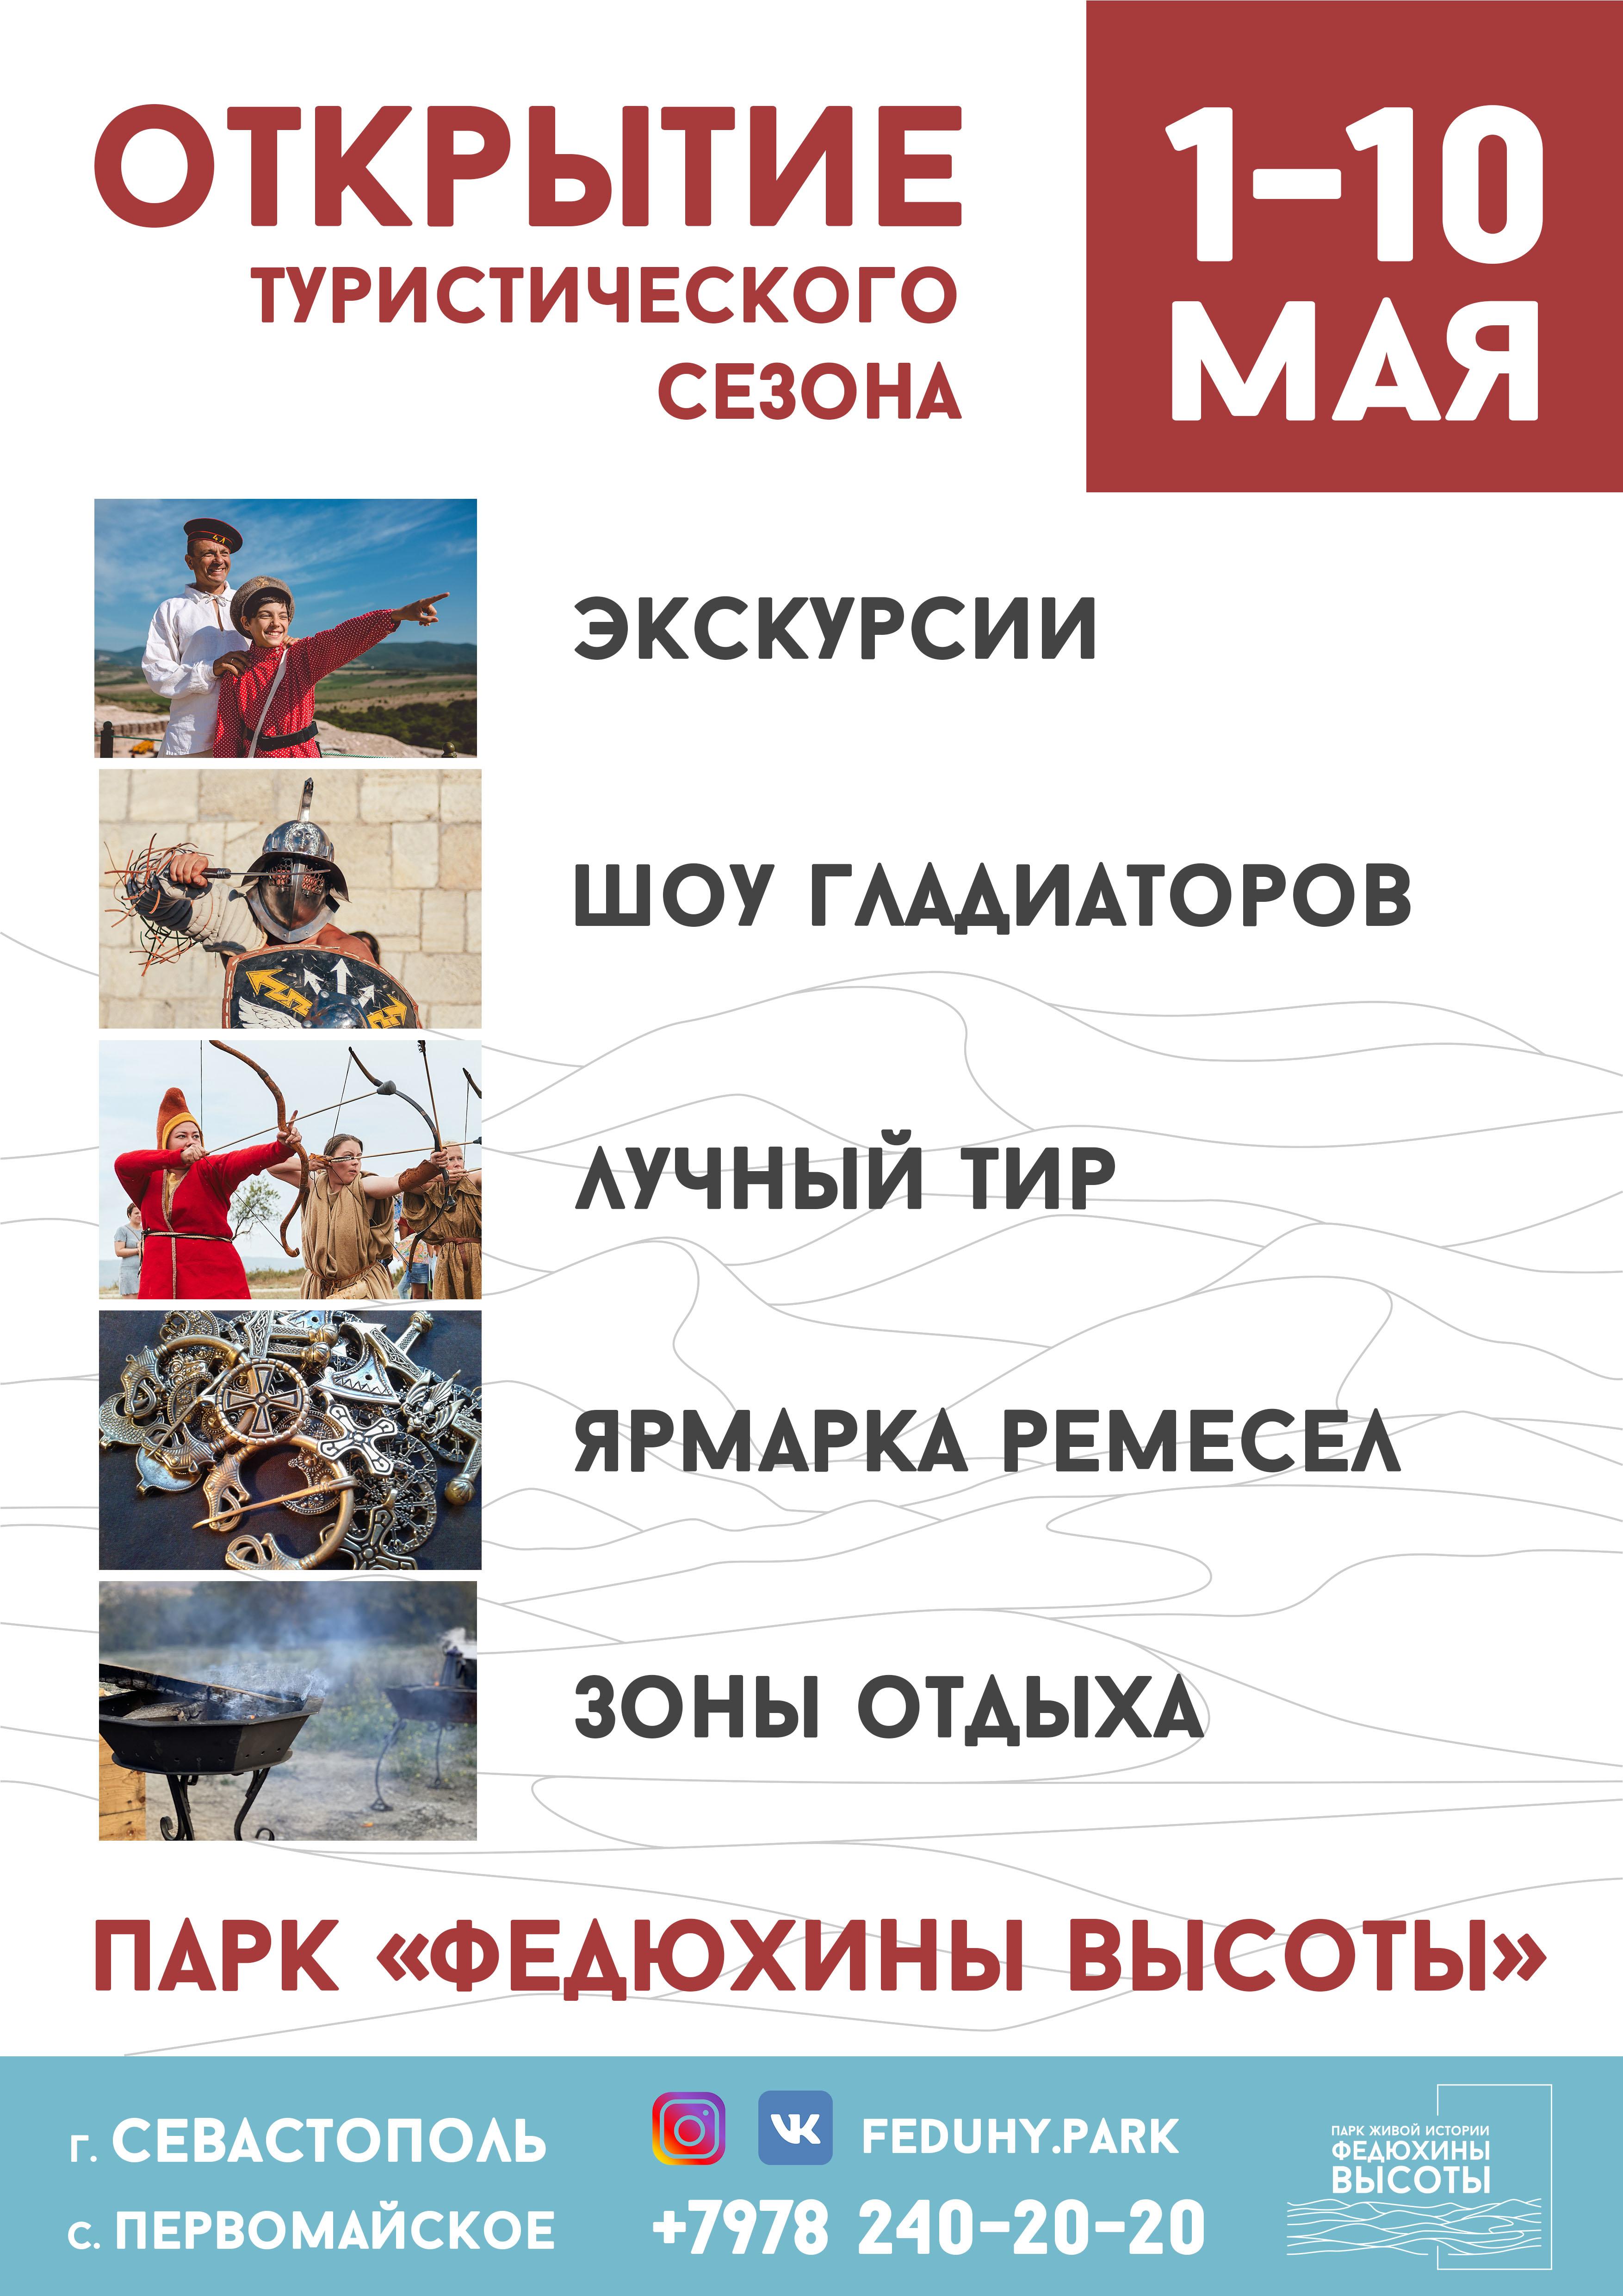 maevka_a4_1-3_kopiya